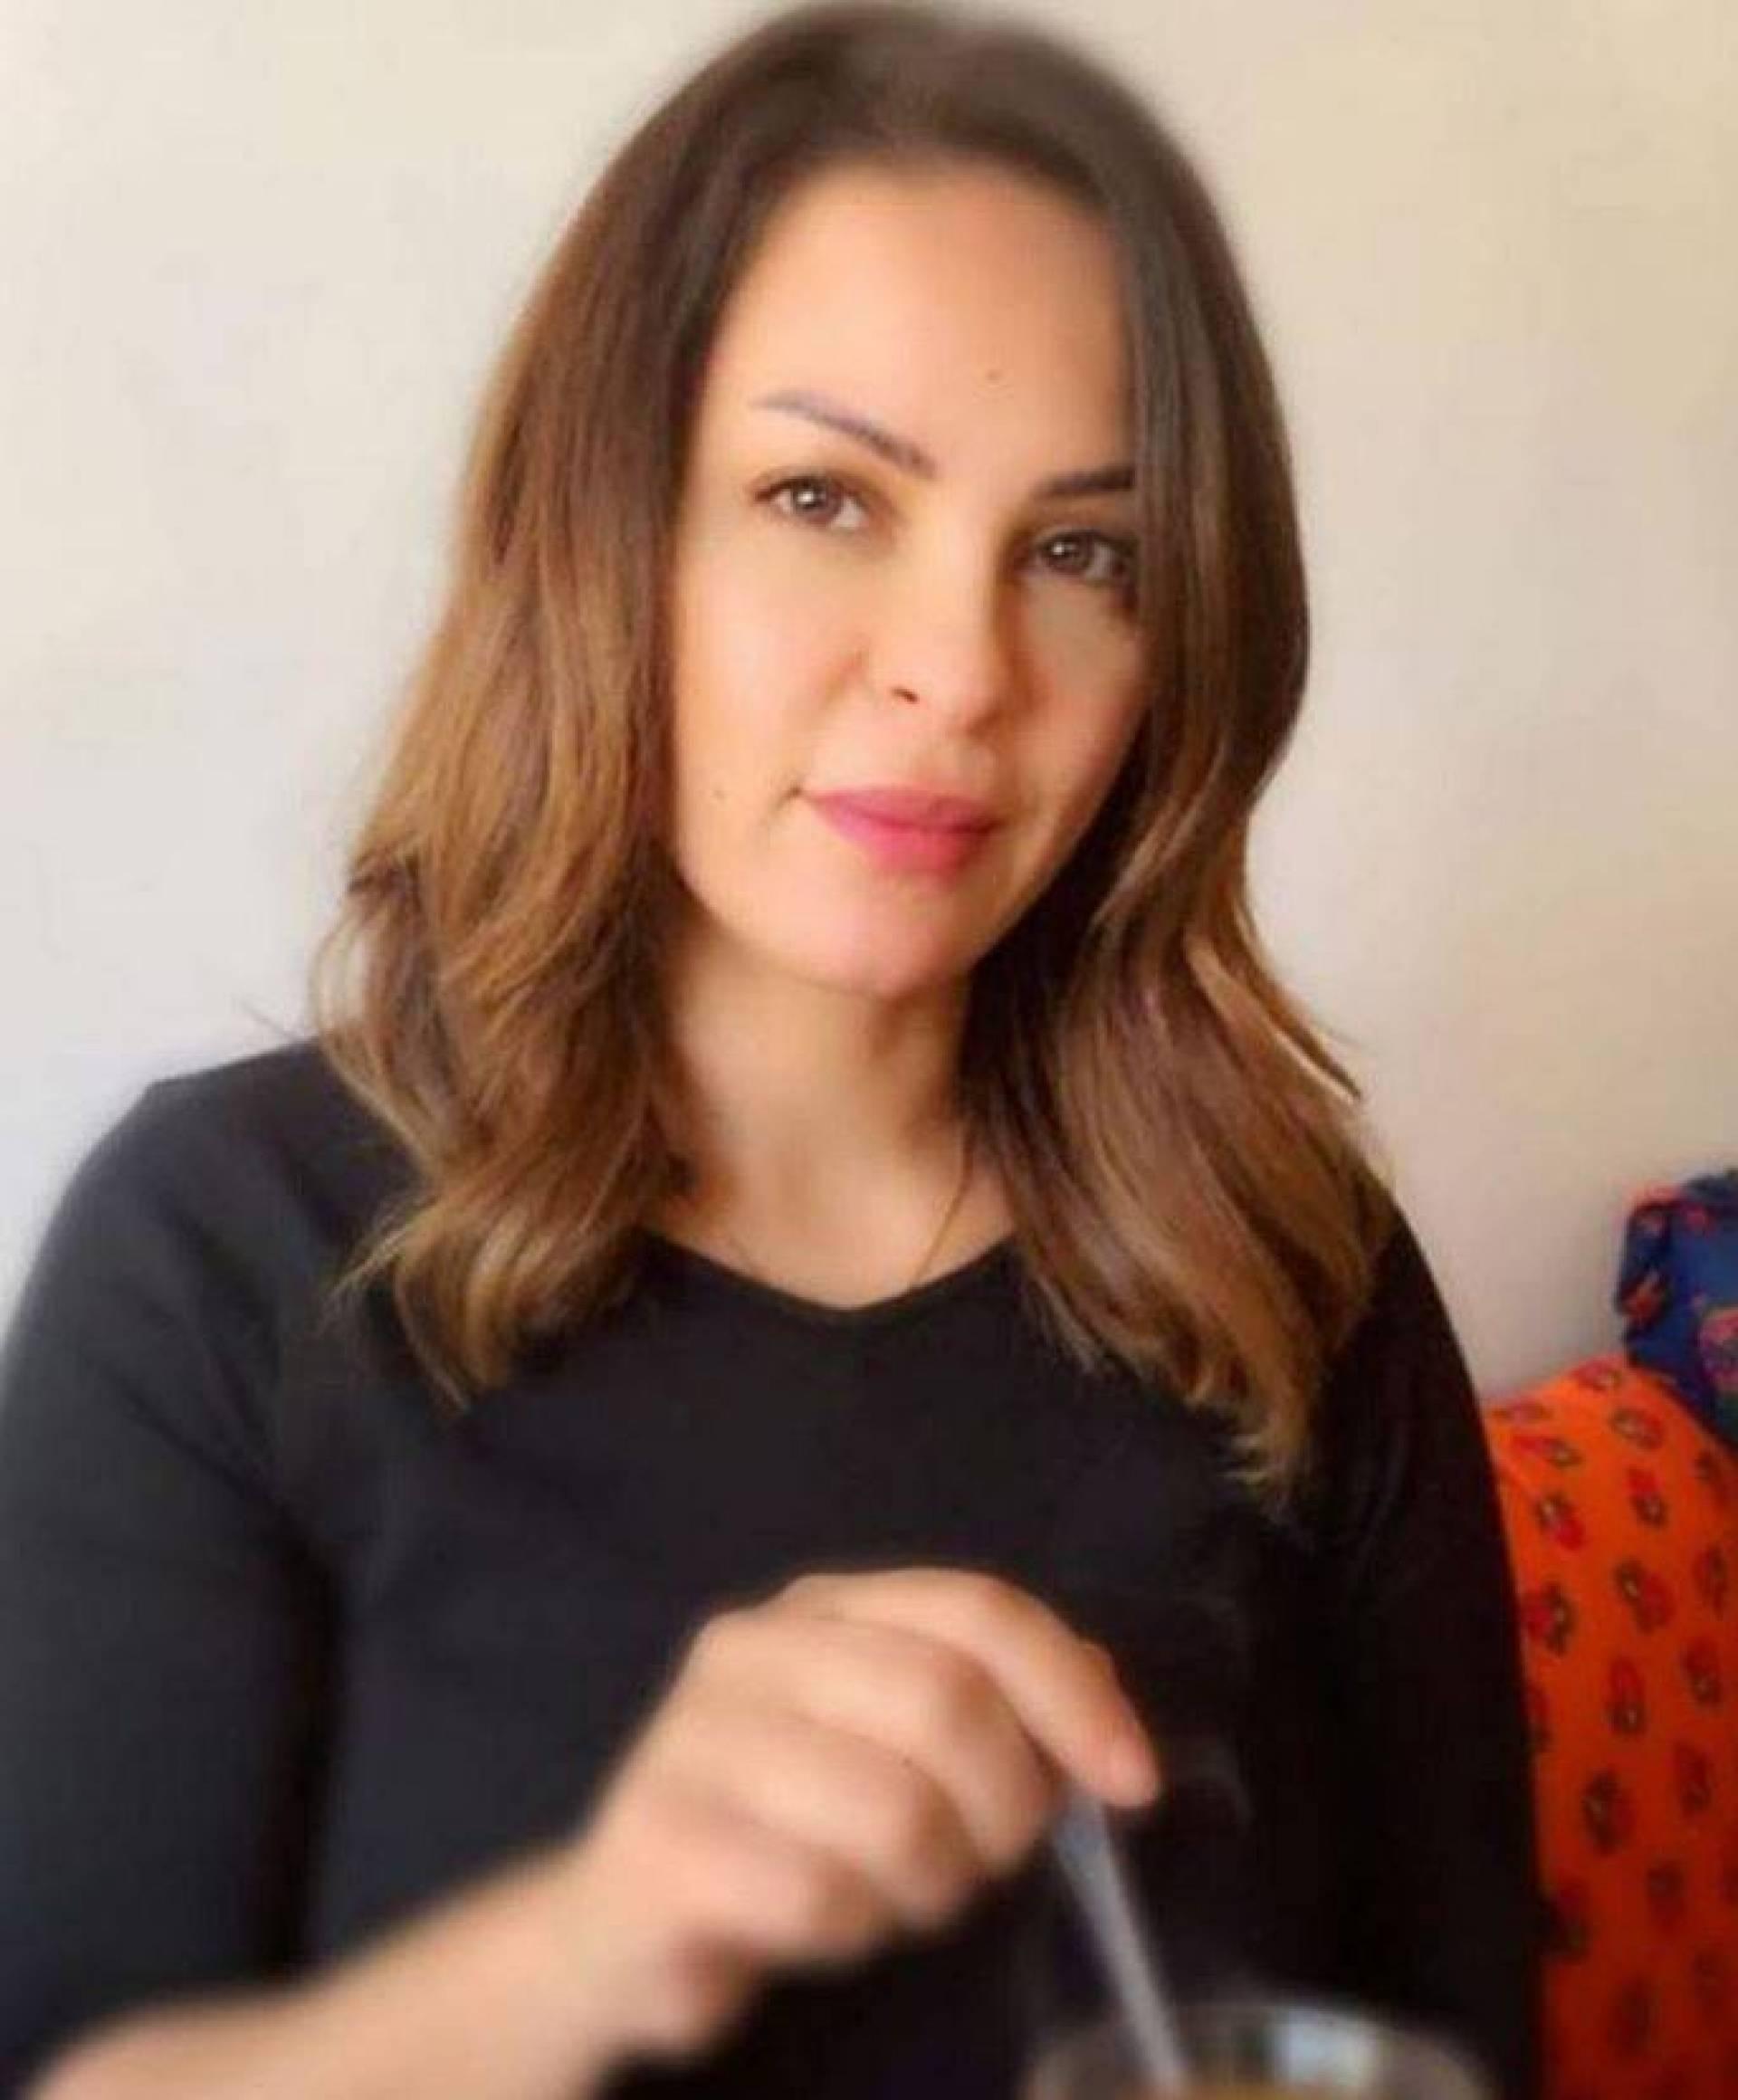 والدة حلا الترك تتحدث عن النسيان بحرقة وتأثر.. ما القصة؟